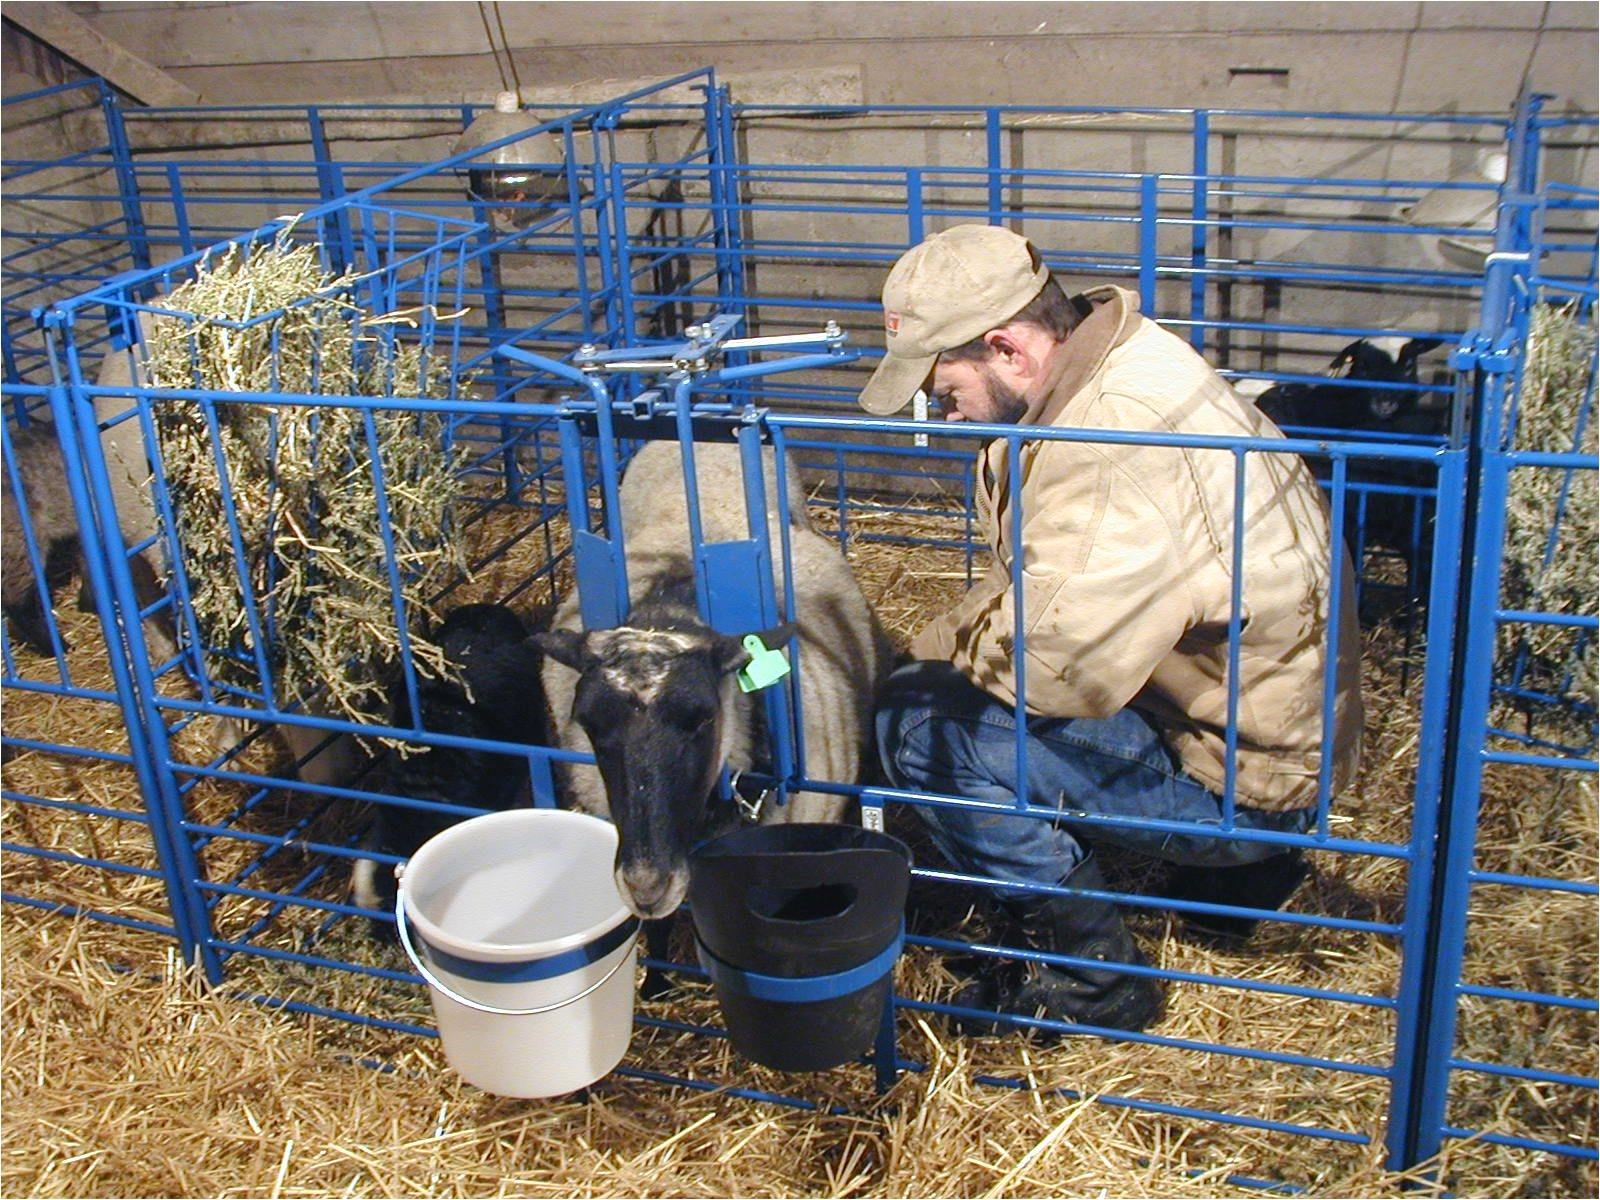 sydell lambing kidding pens three willows ranch supply sheep goat